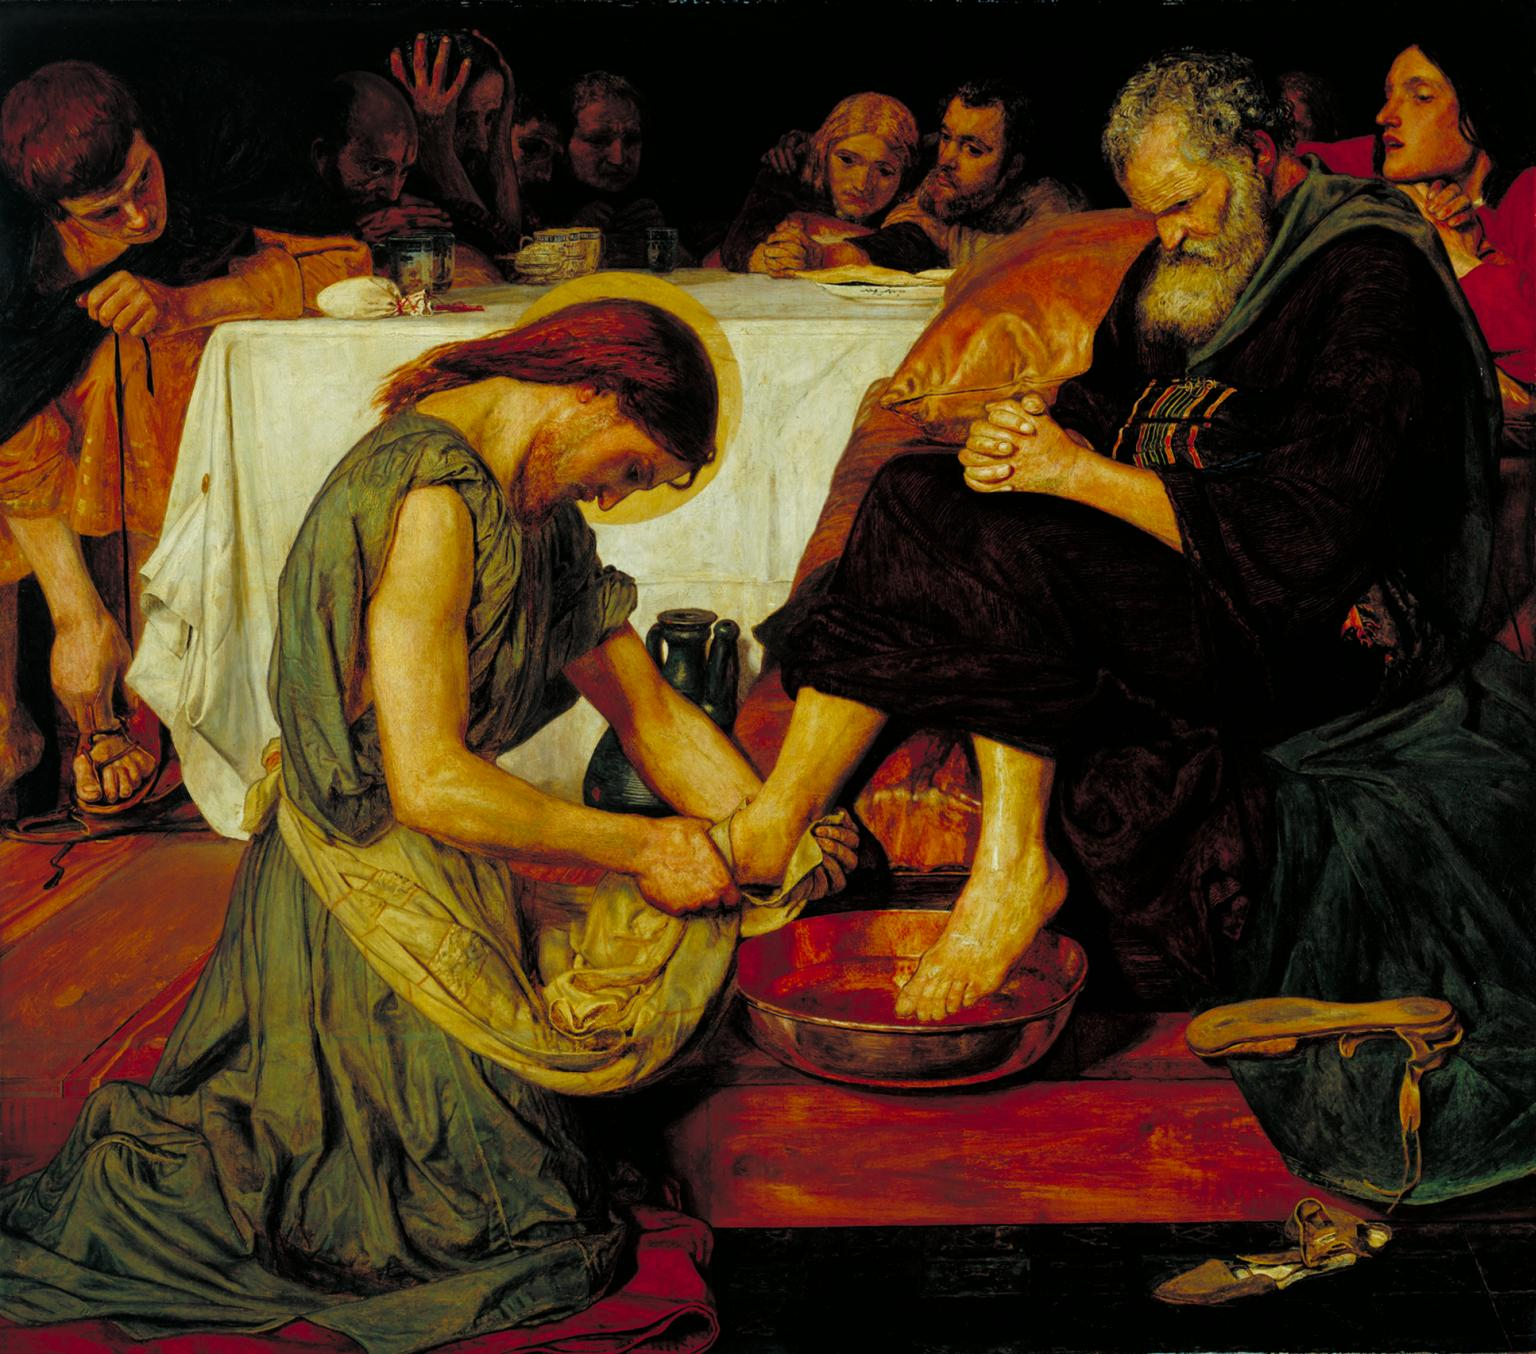 Jesús lava los pies de Pedro, Ford Madox Brown